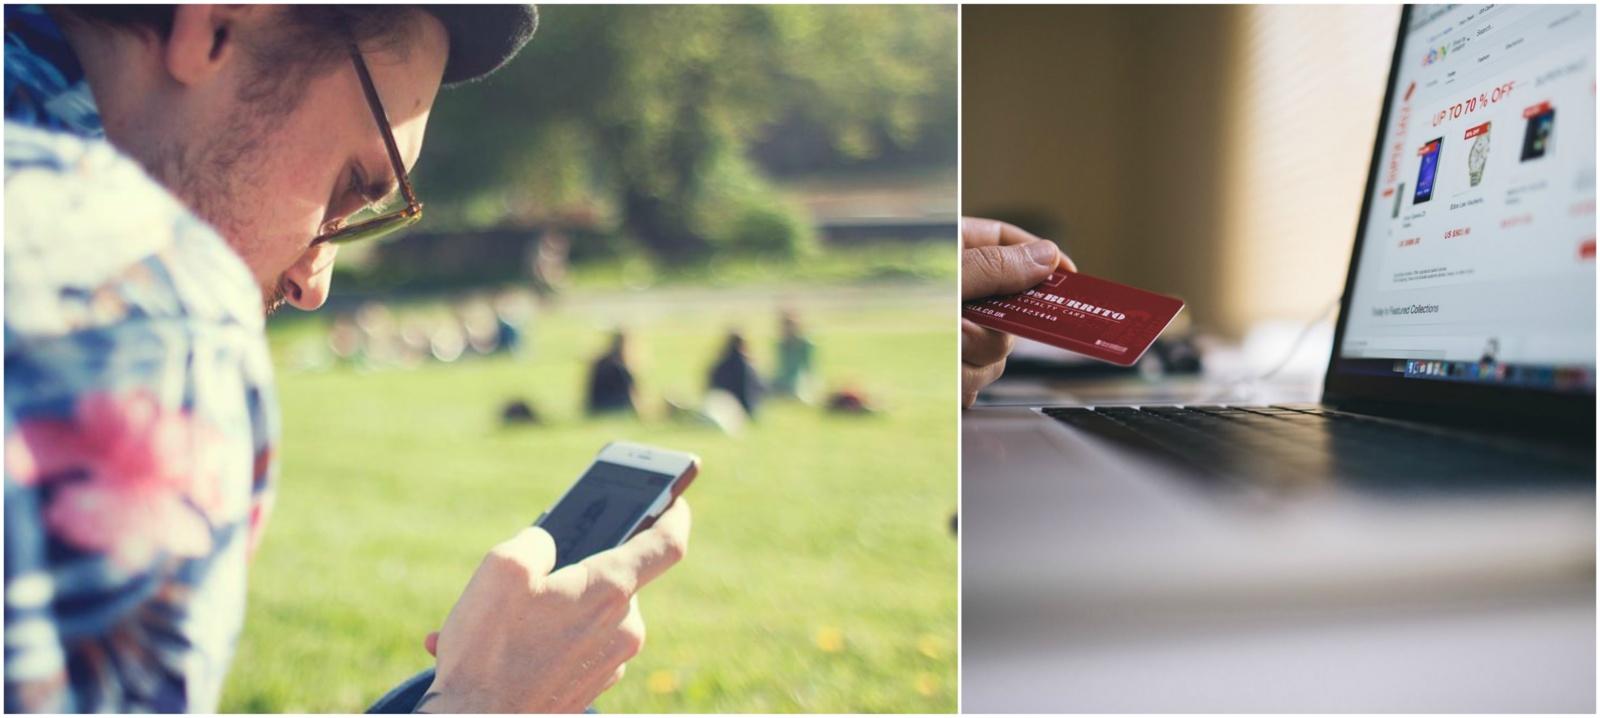 Elektroninio verslo tendencijos: vis reiklesni pirkėjai diktuoja savo taisykles